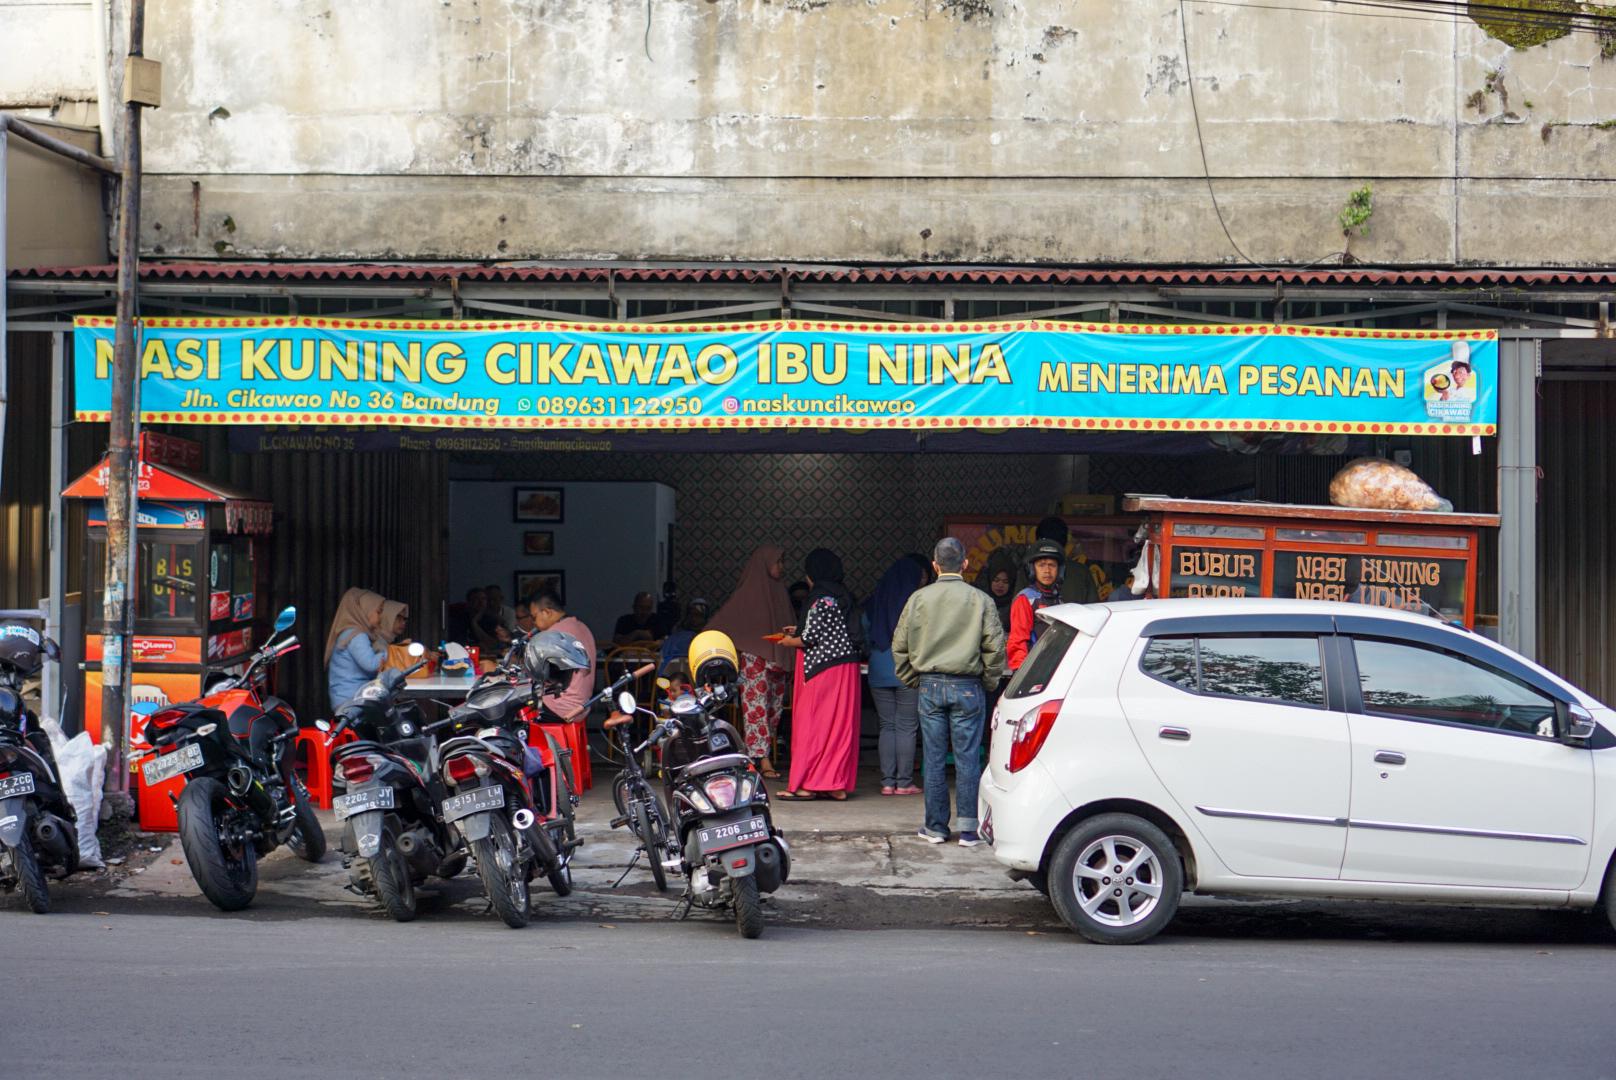 Sarapan di Bandung: Nasi Kuning Cikawao (Ibu Nina)